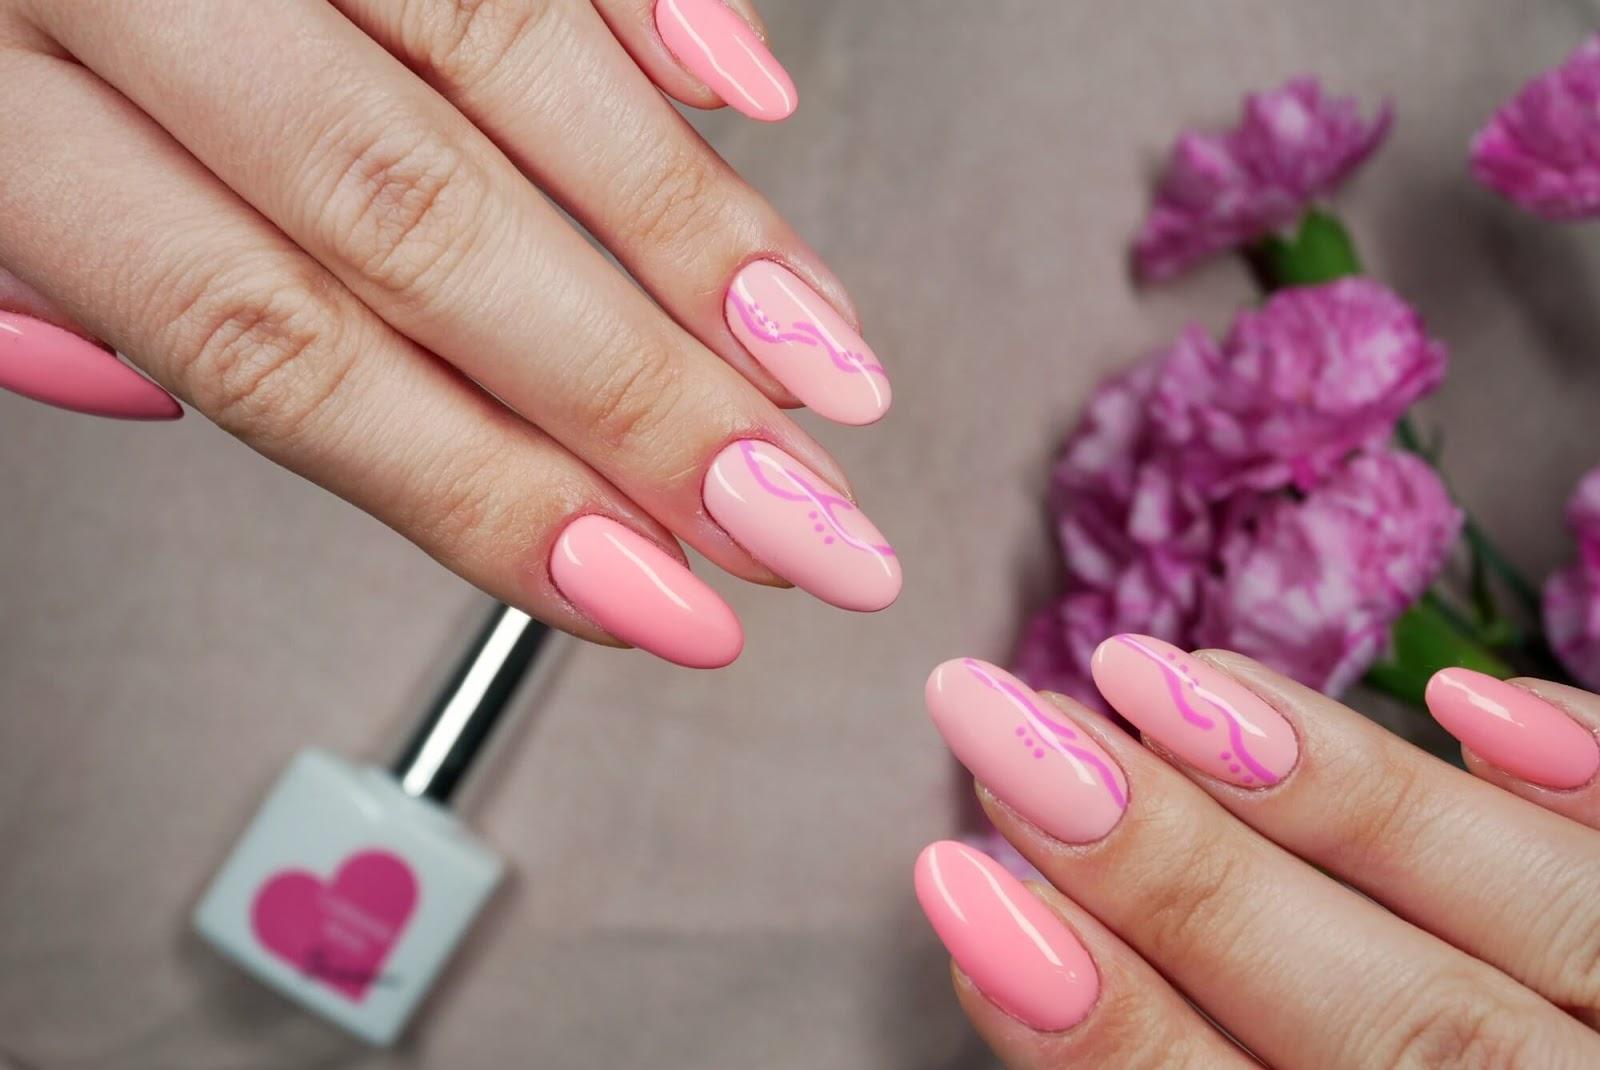 paznokcie różowe - hybrydowe